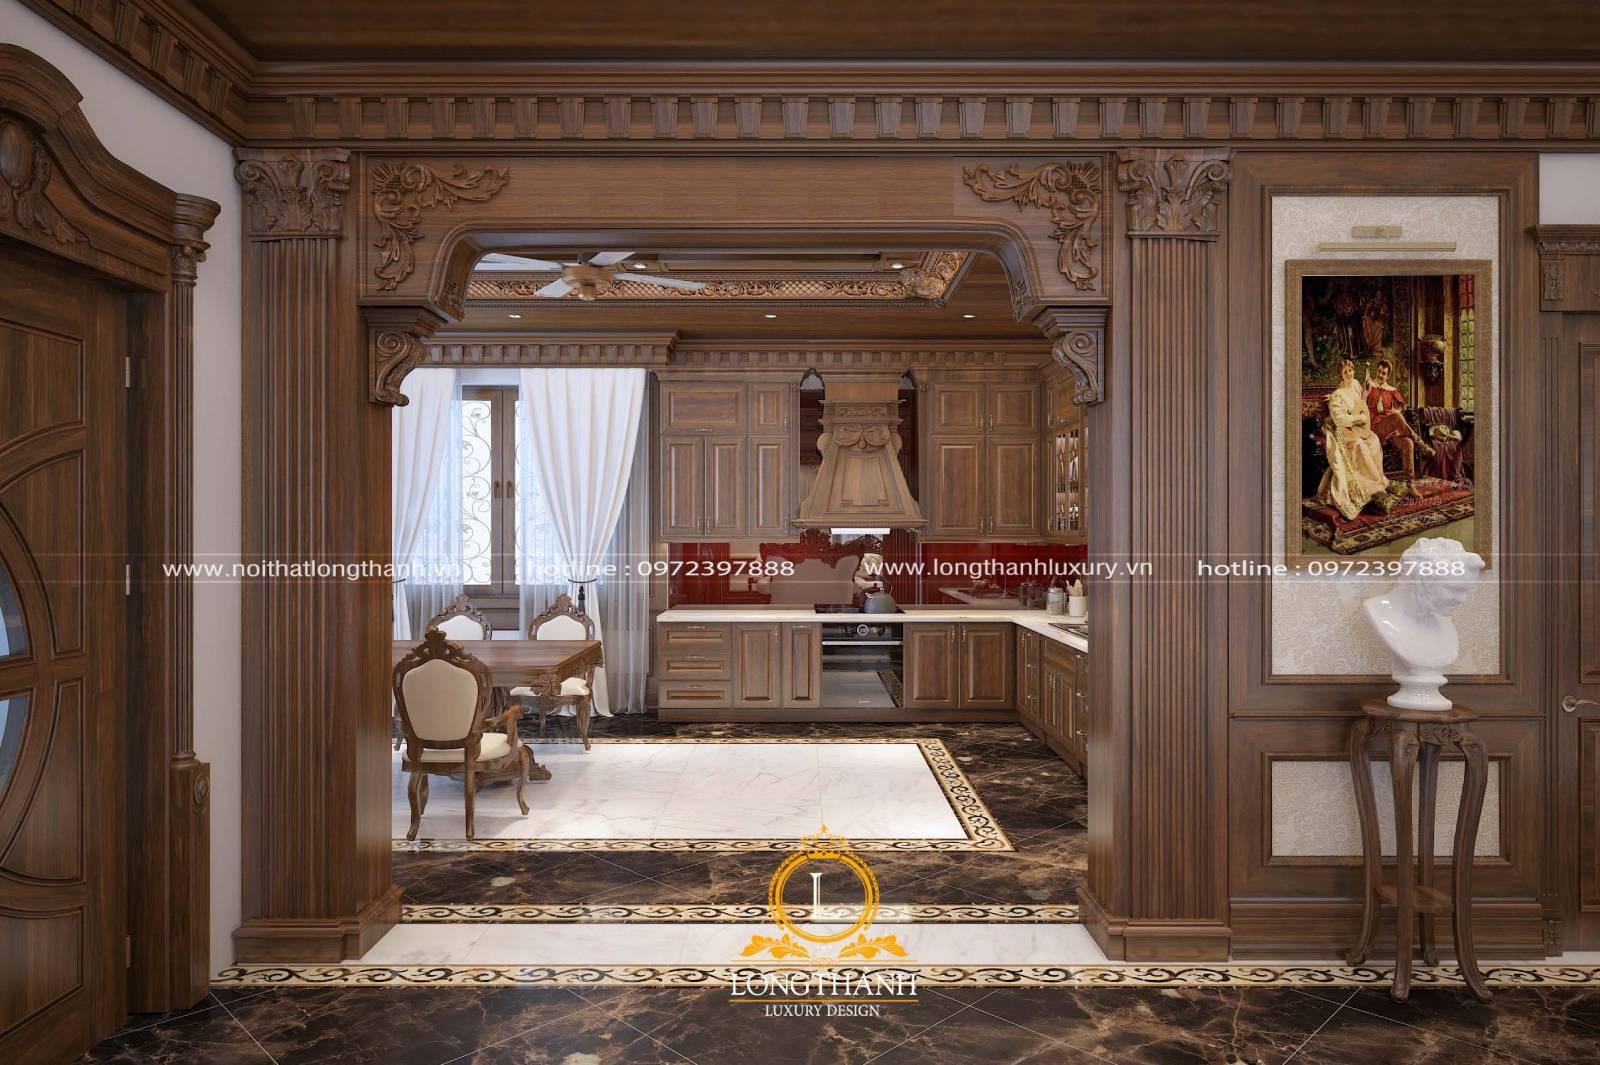 Thiết kế tủ bếp gỗ Gõ cao cấp cho nhà biệt thự cổ điển